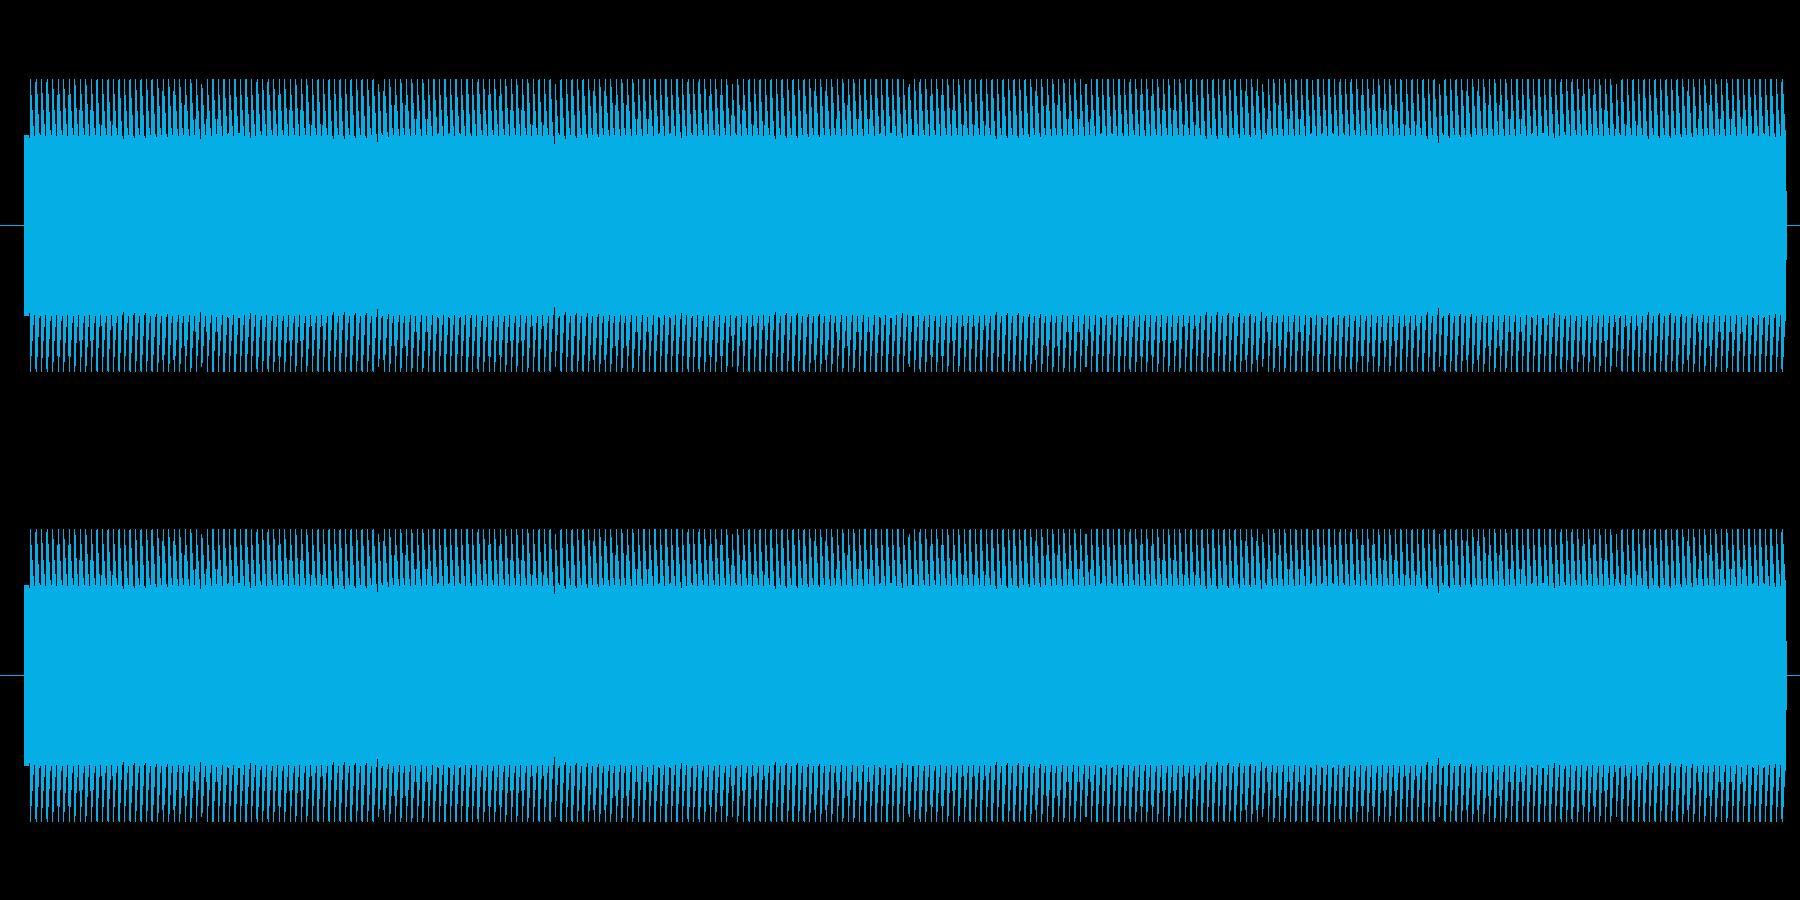 鉄道サウンド 駅発車ベル タイプBの再生済みの波形